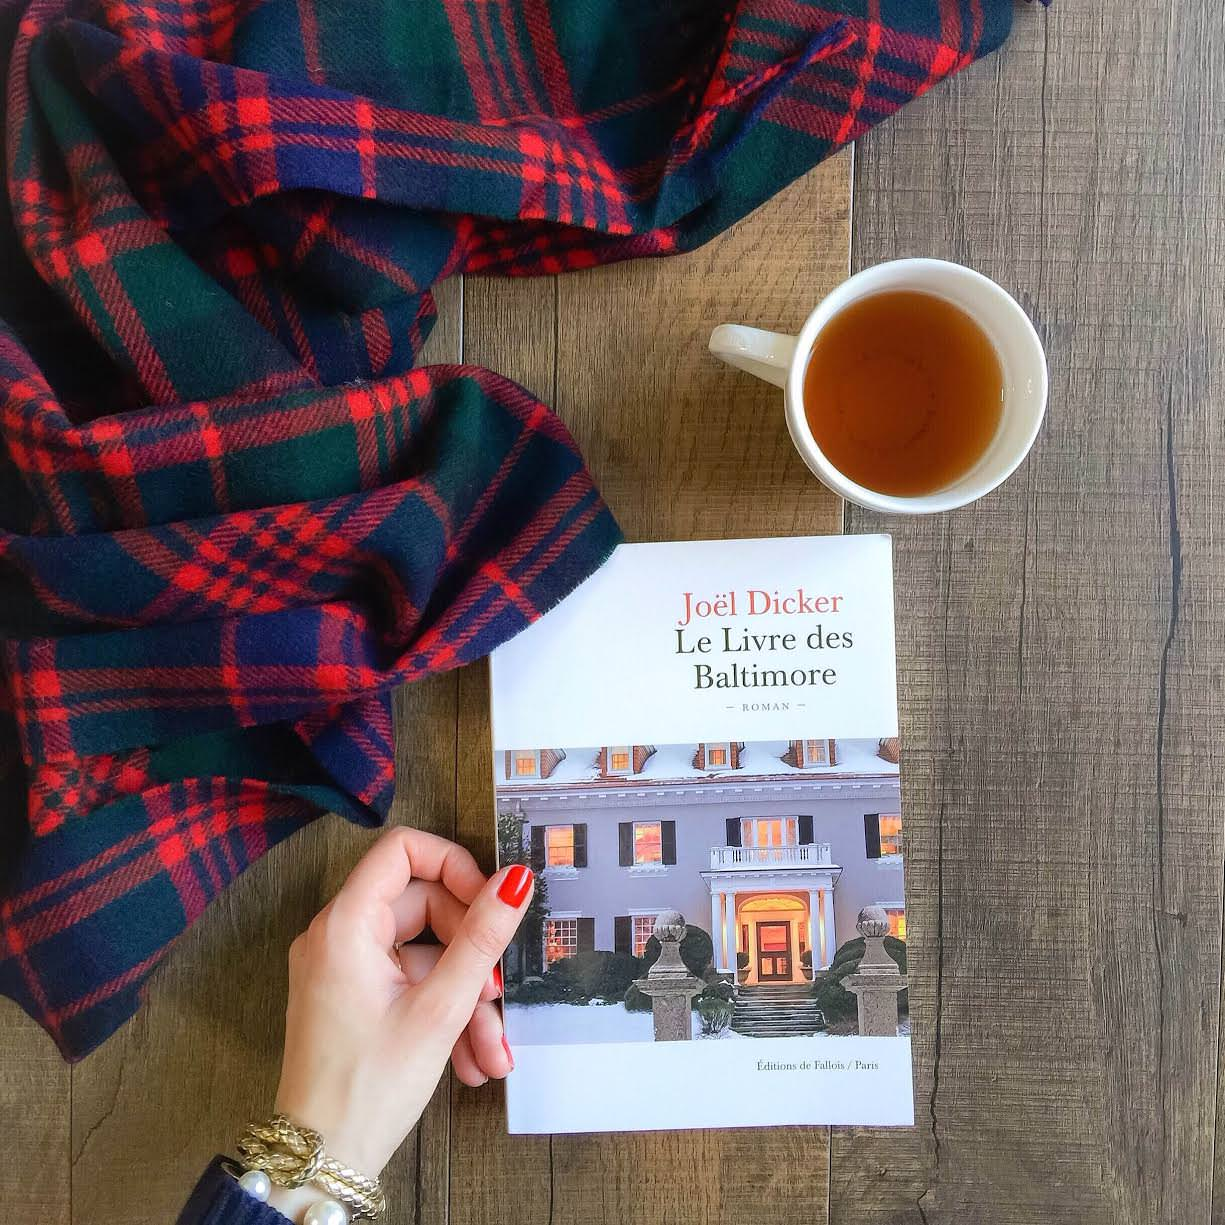 Blog-Mode-And-The-City-Lifestyle-Cinq-Petites-Choses-161-Le-livre-des-baltimore